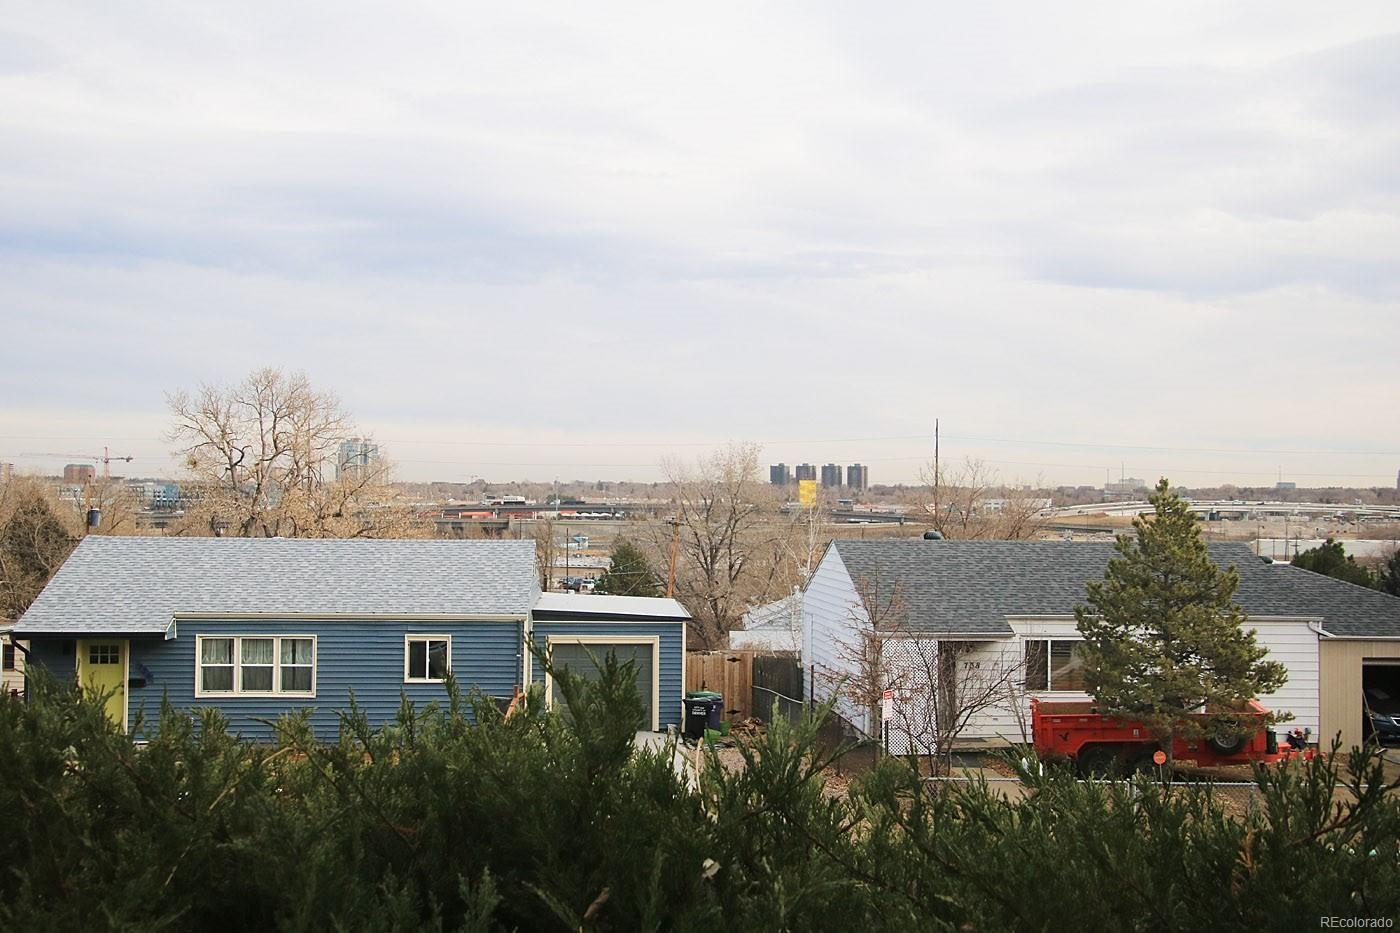 MLS# 7451995 - 24 - 731 S Navajo Street, Denver, CO 80223